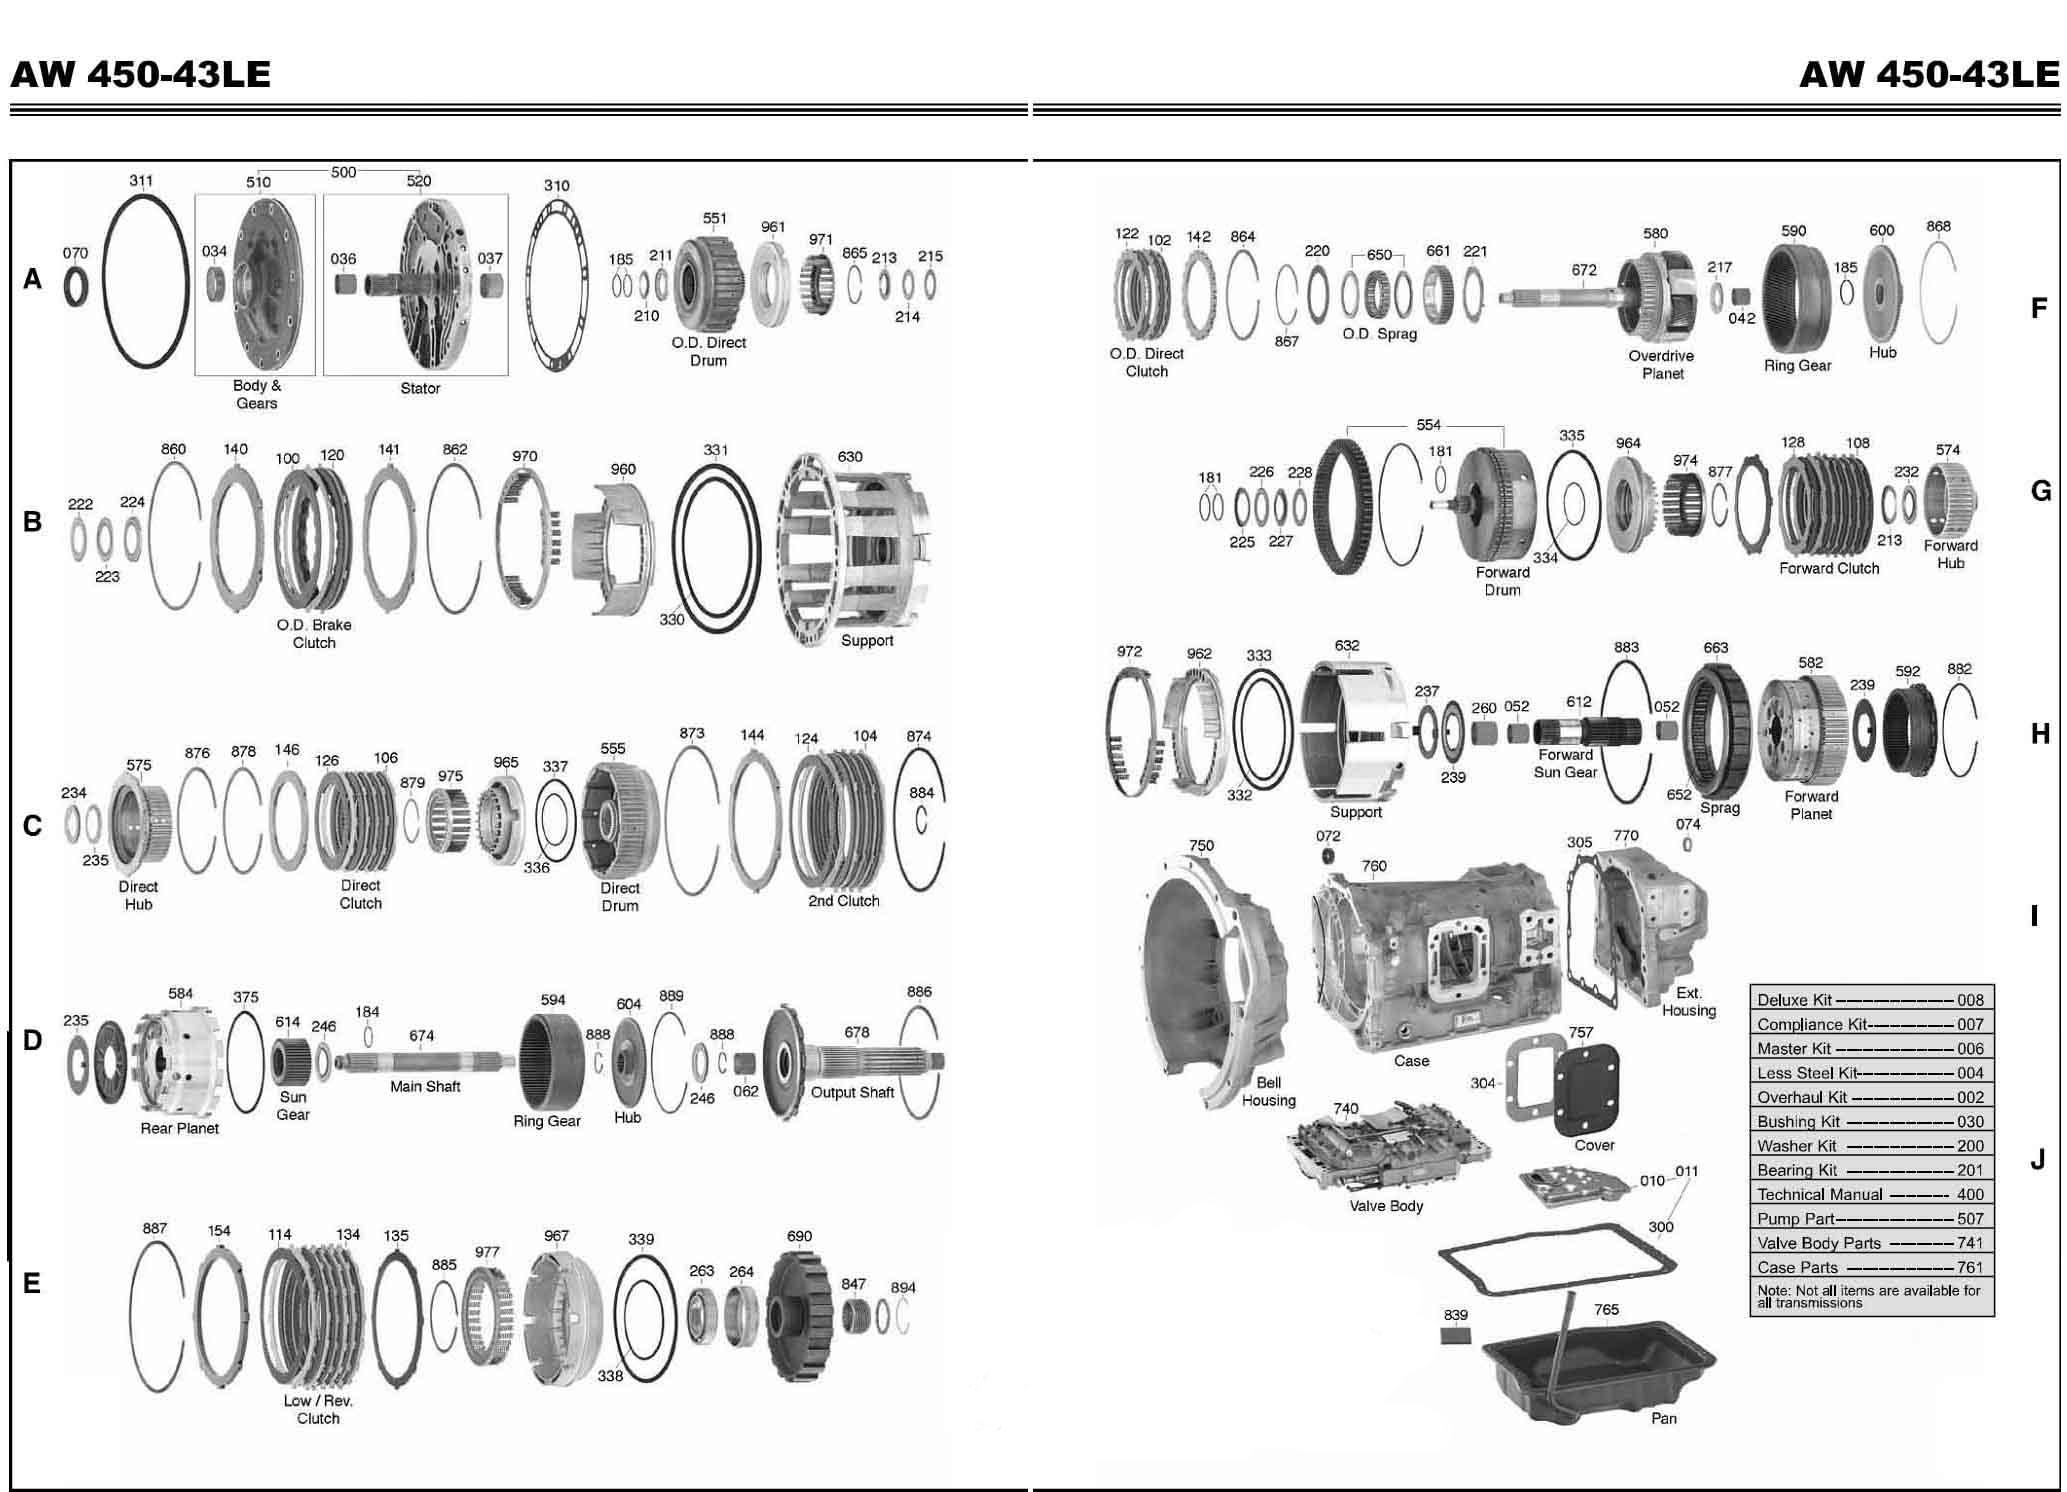 AW450 tranismission scheme